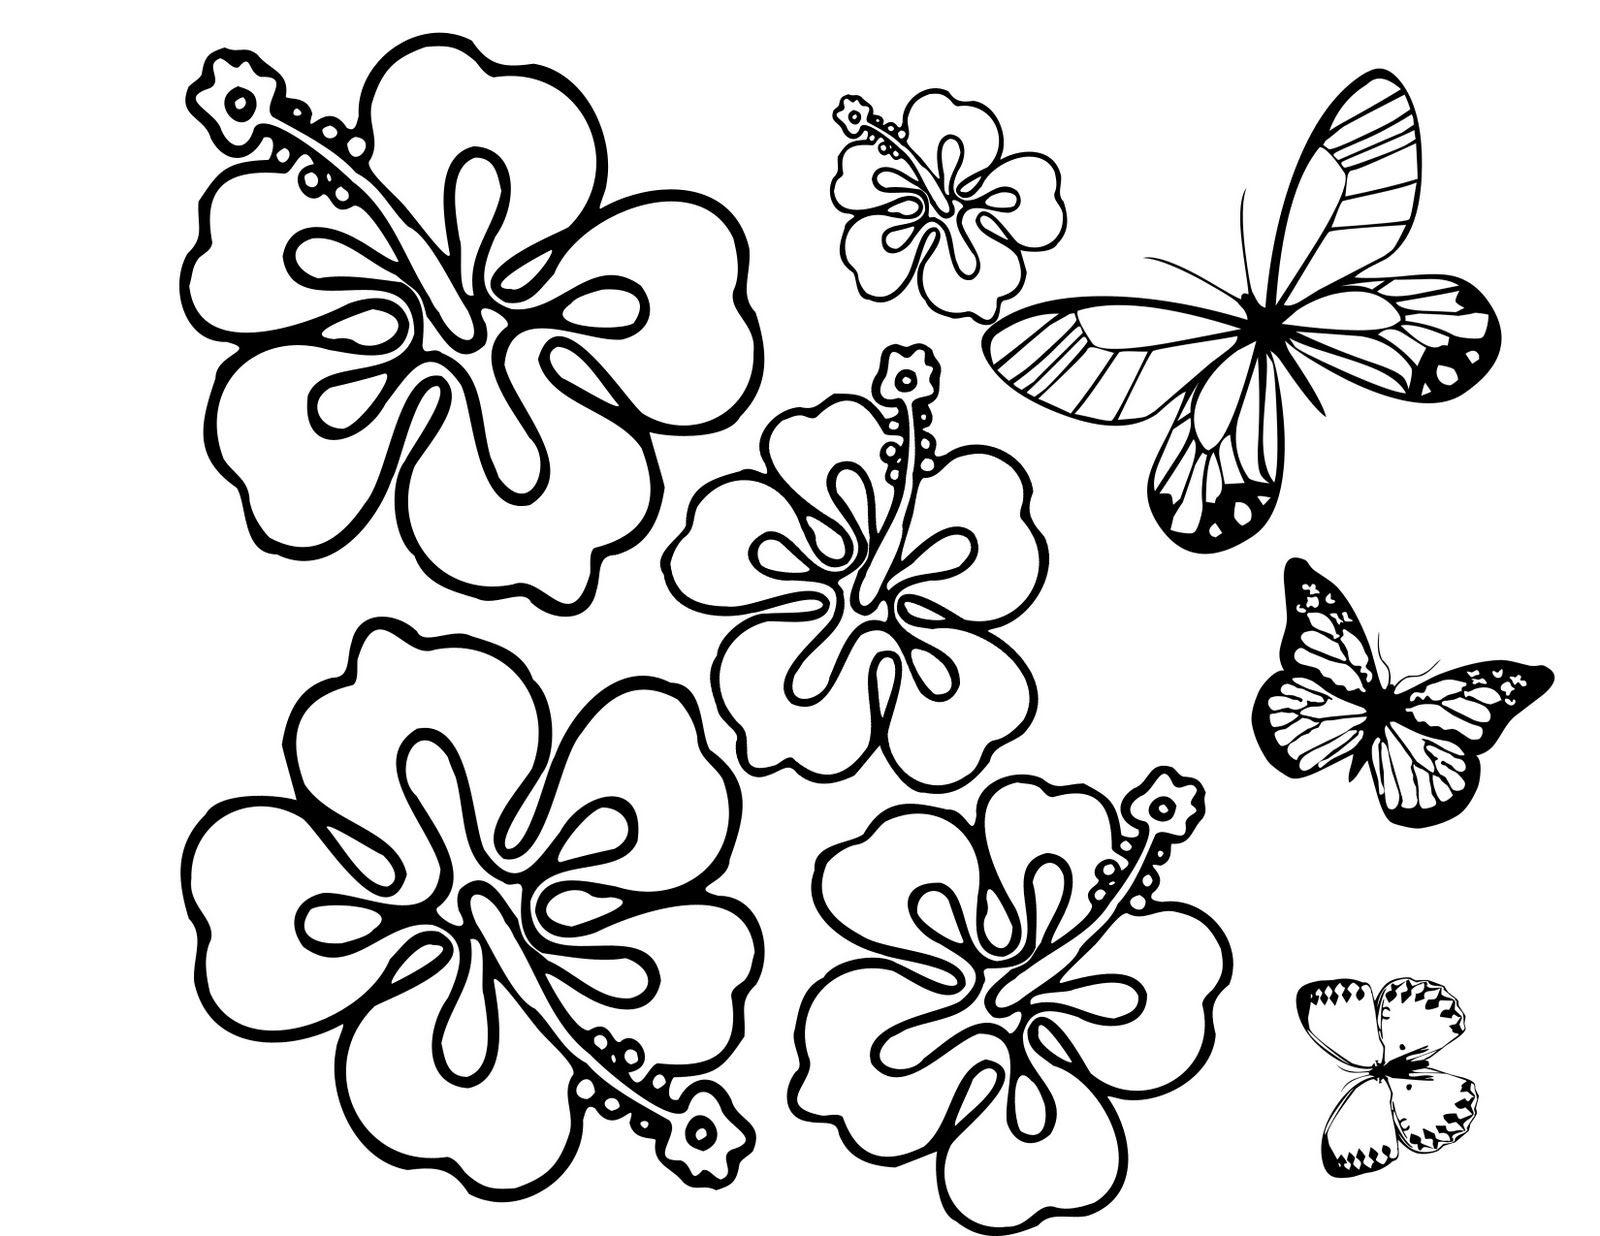 plantillas de flores y mariposas para pintar | vestidos | Pinterest ...